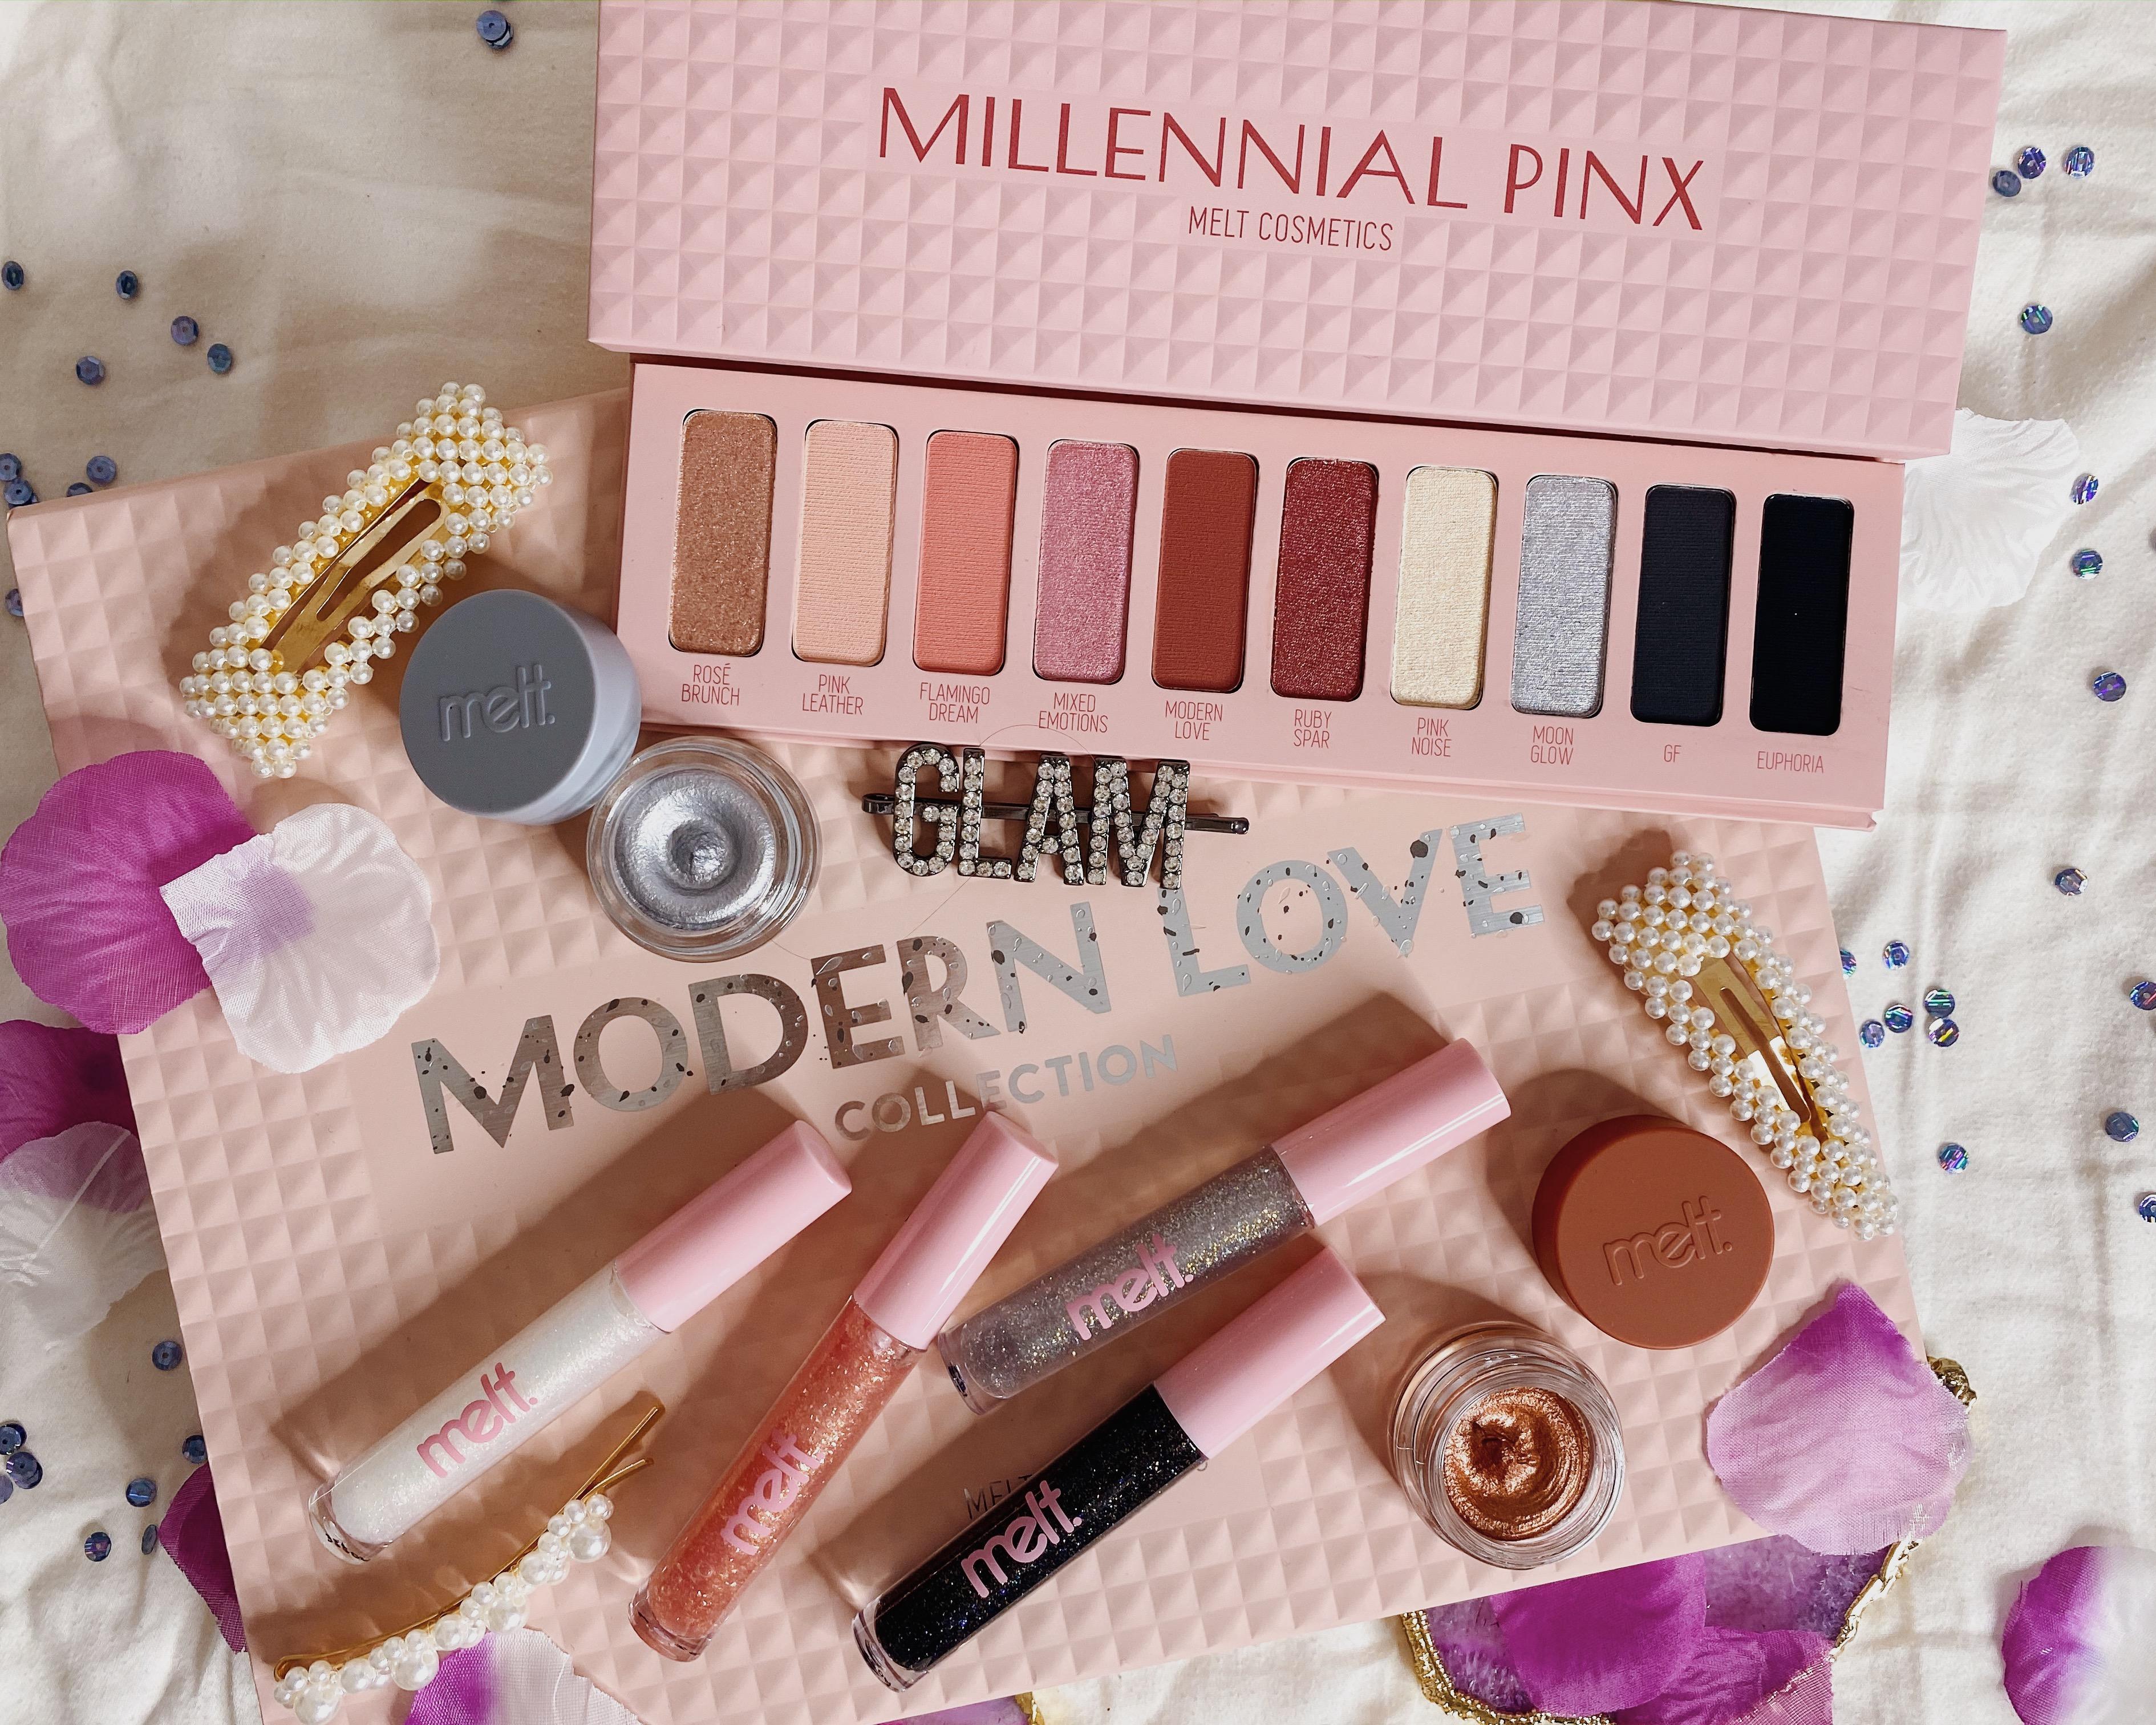 2020 Beauty Low Buy Update #1 | Melt Cosmetics Modern Love Collection | Melt Cosmetics Millennial Pinx Palette